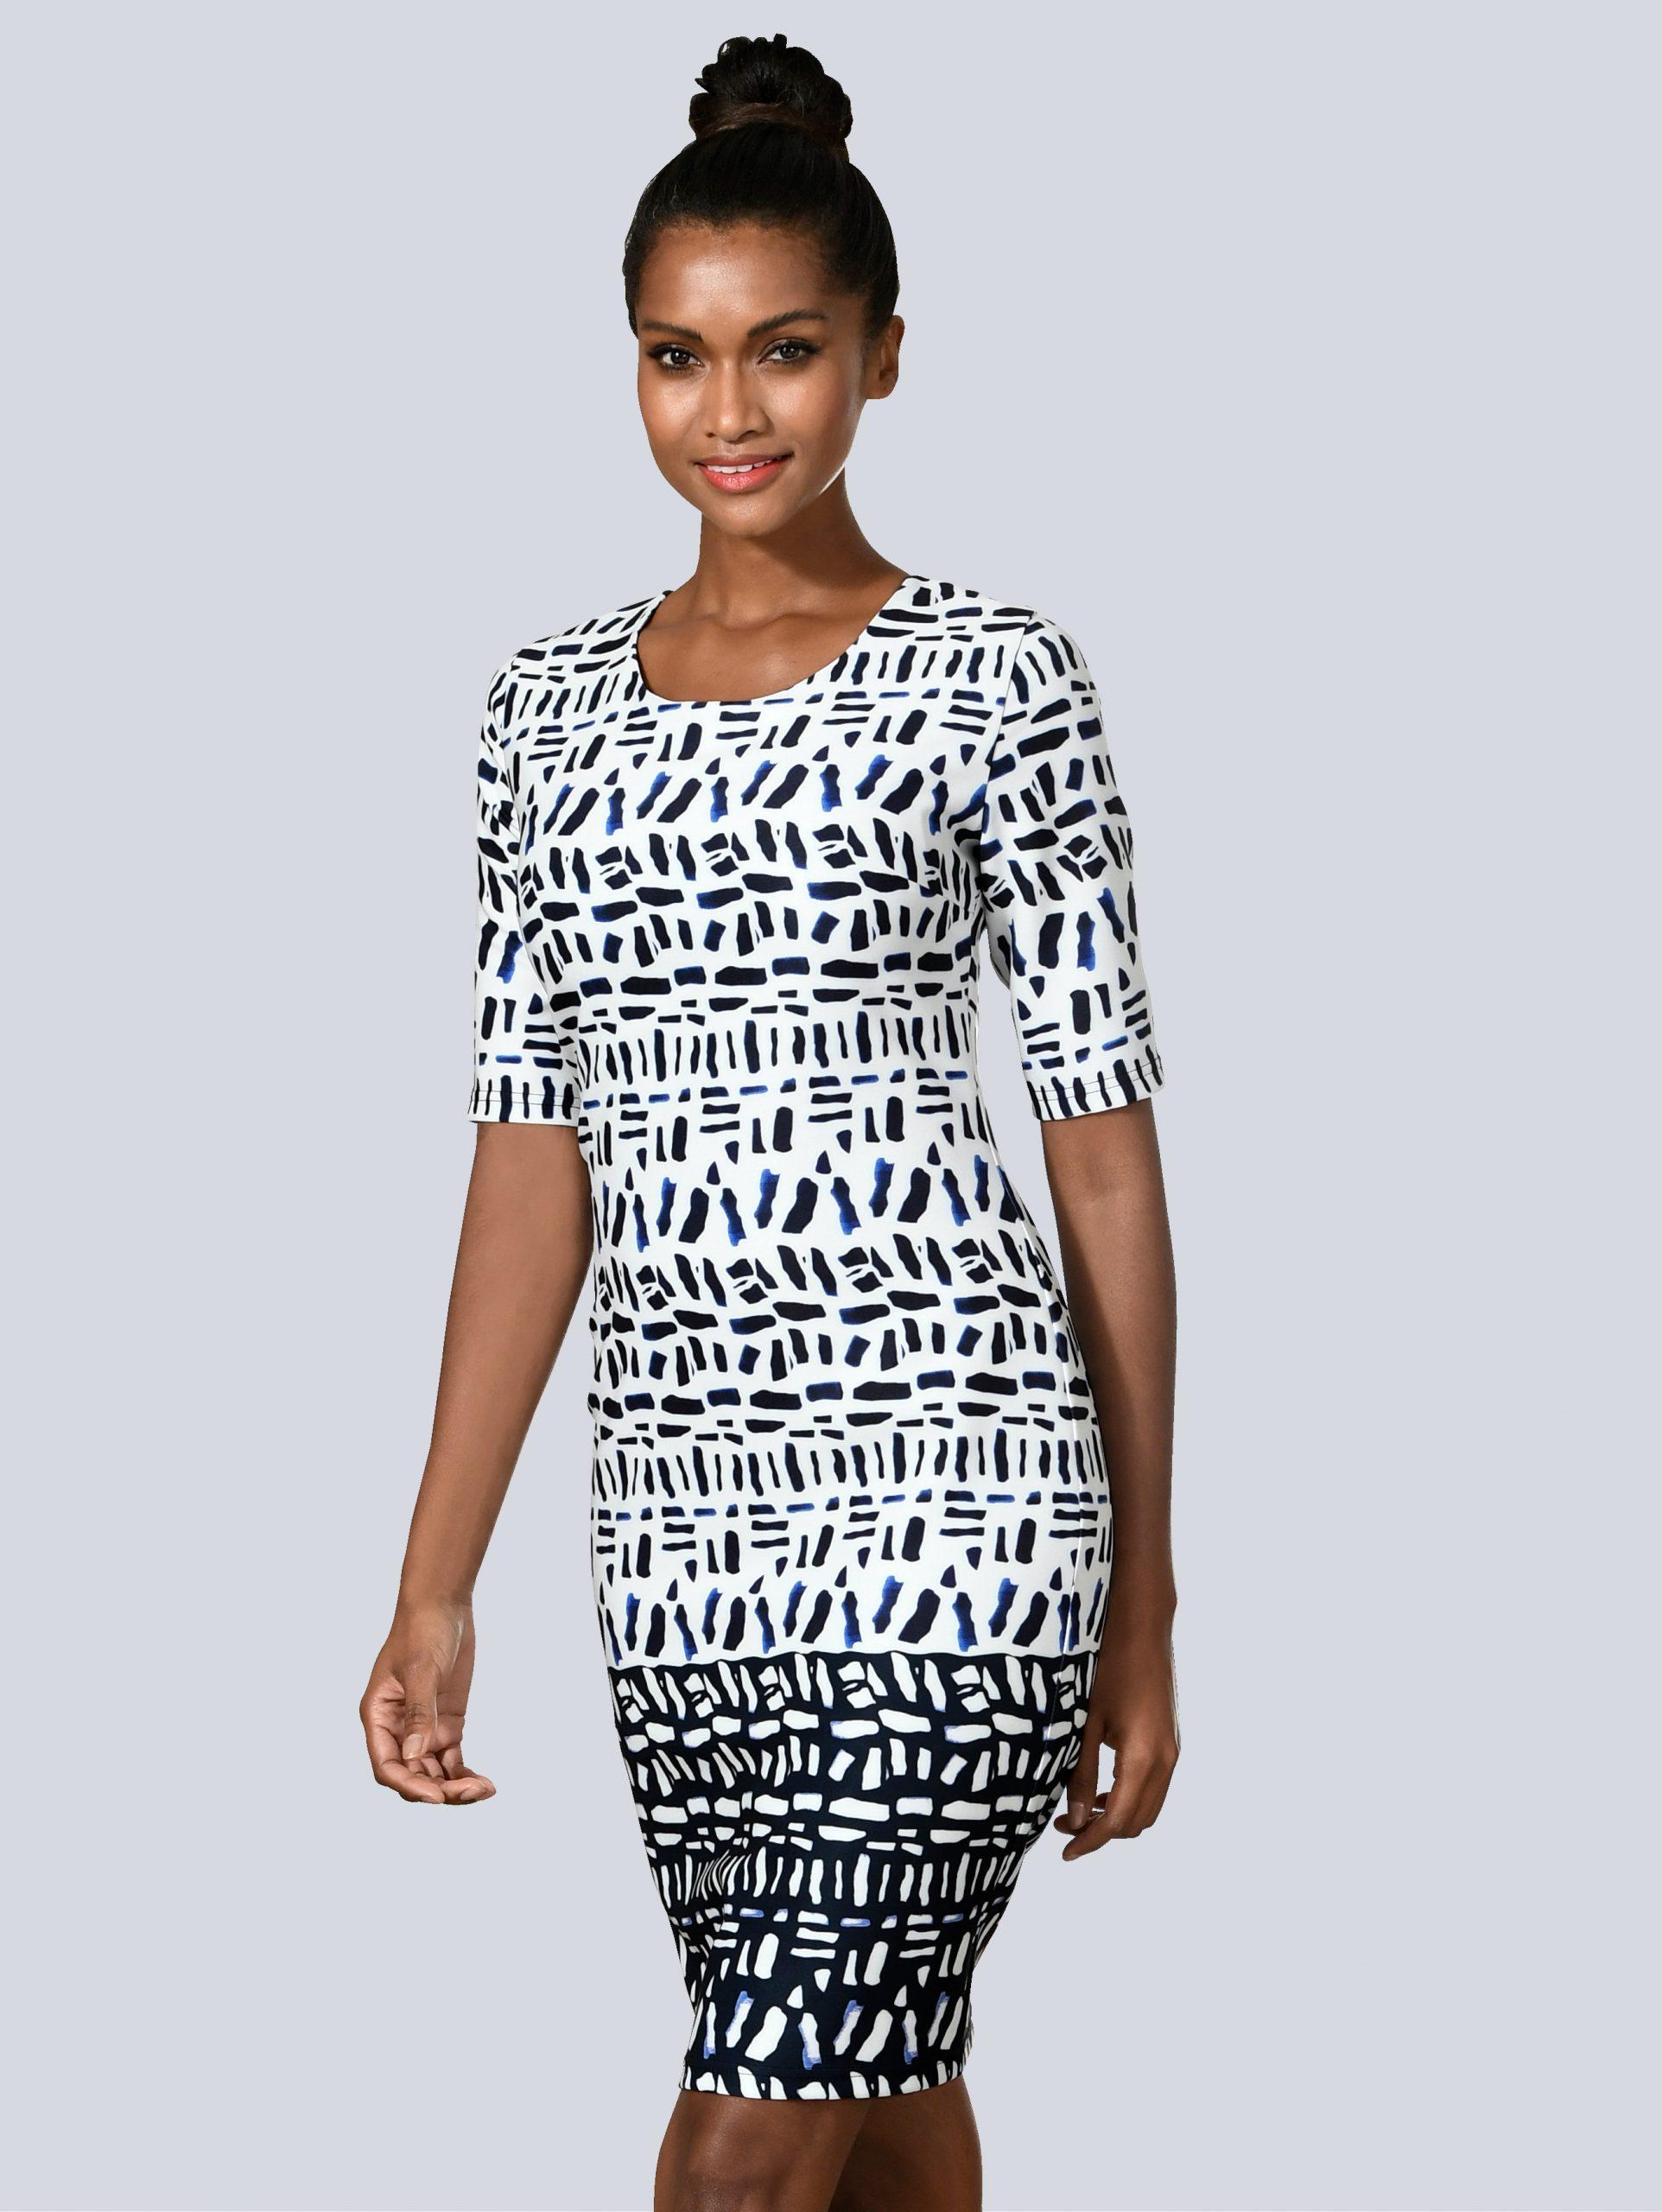 Perfekt Schöne Kleider Online Kaufen Spezialgebiet17 Einfach Schöne Kleider Online Kaufen Design